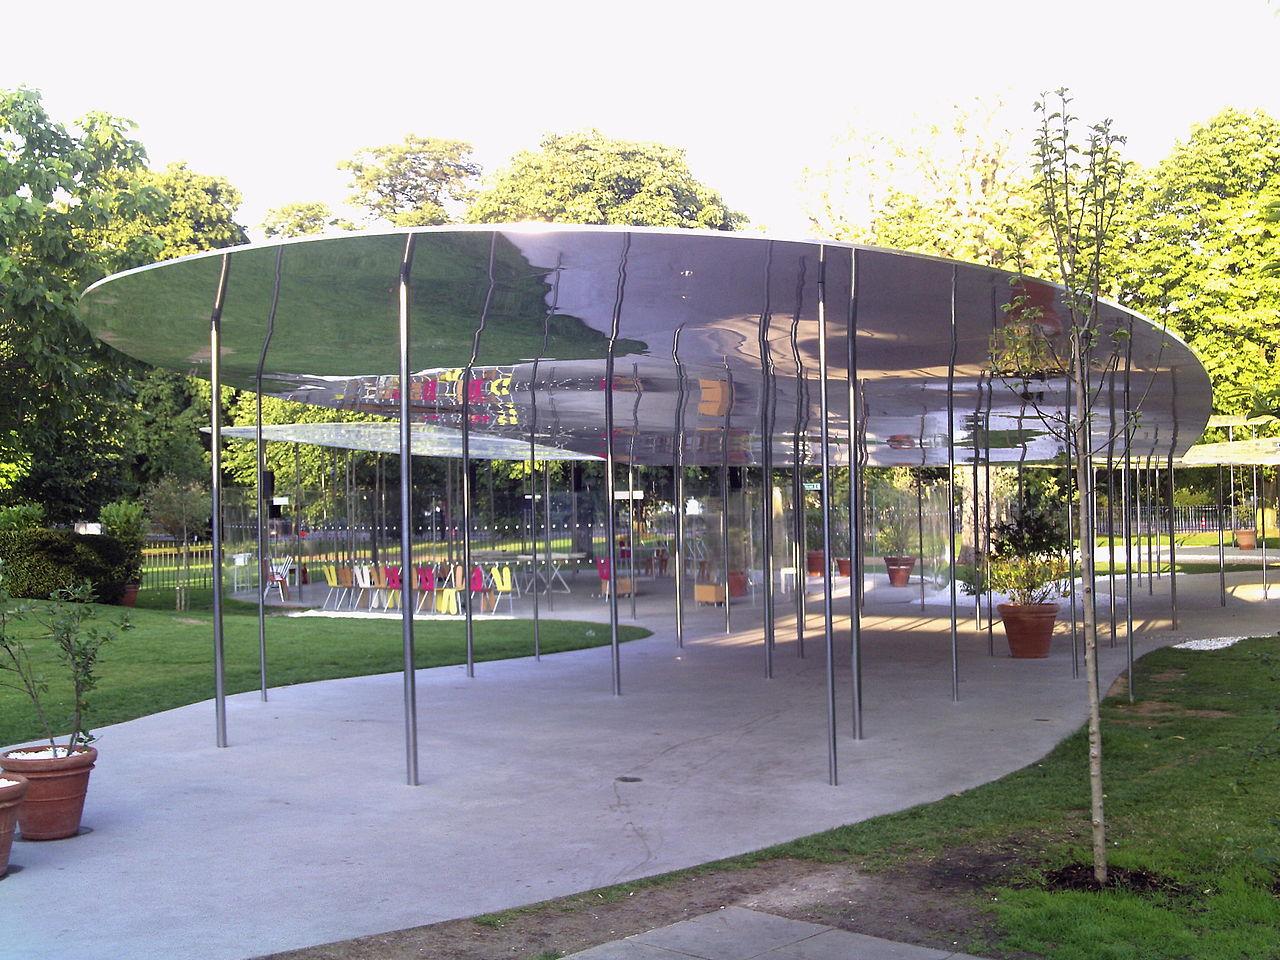 1280px-Serpentine_Gallery_Pavilion_2009.JPG